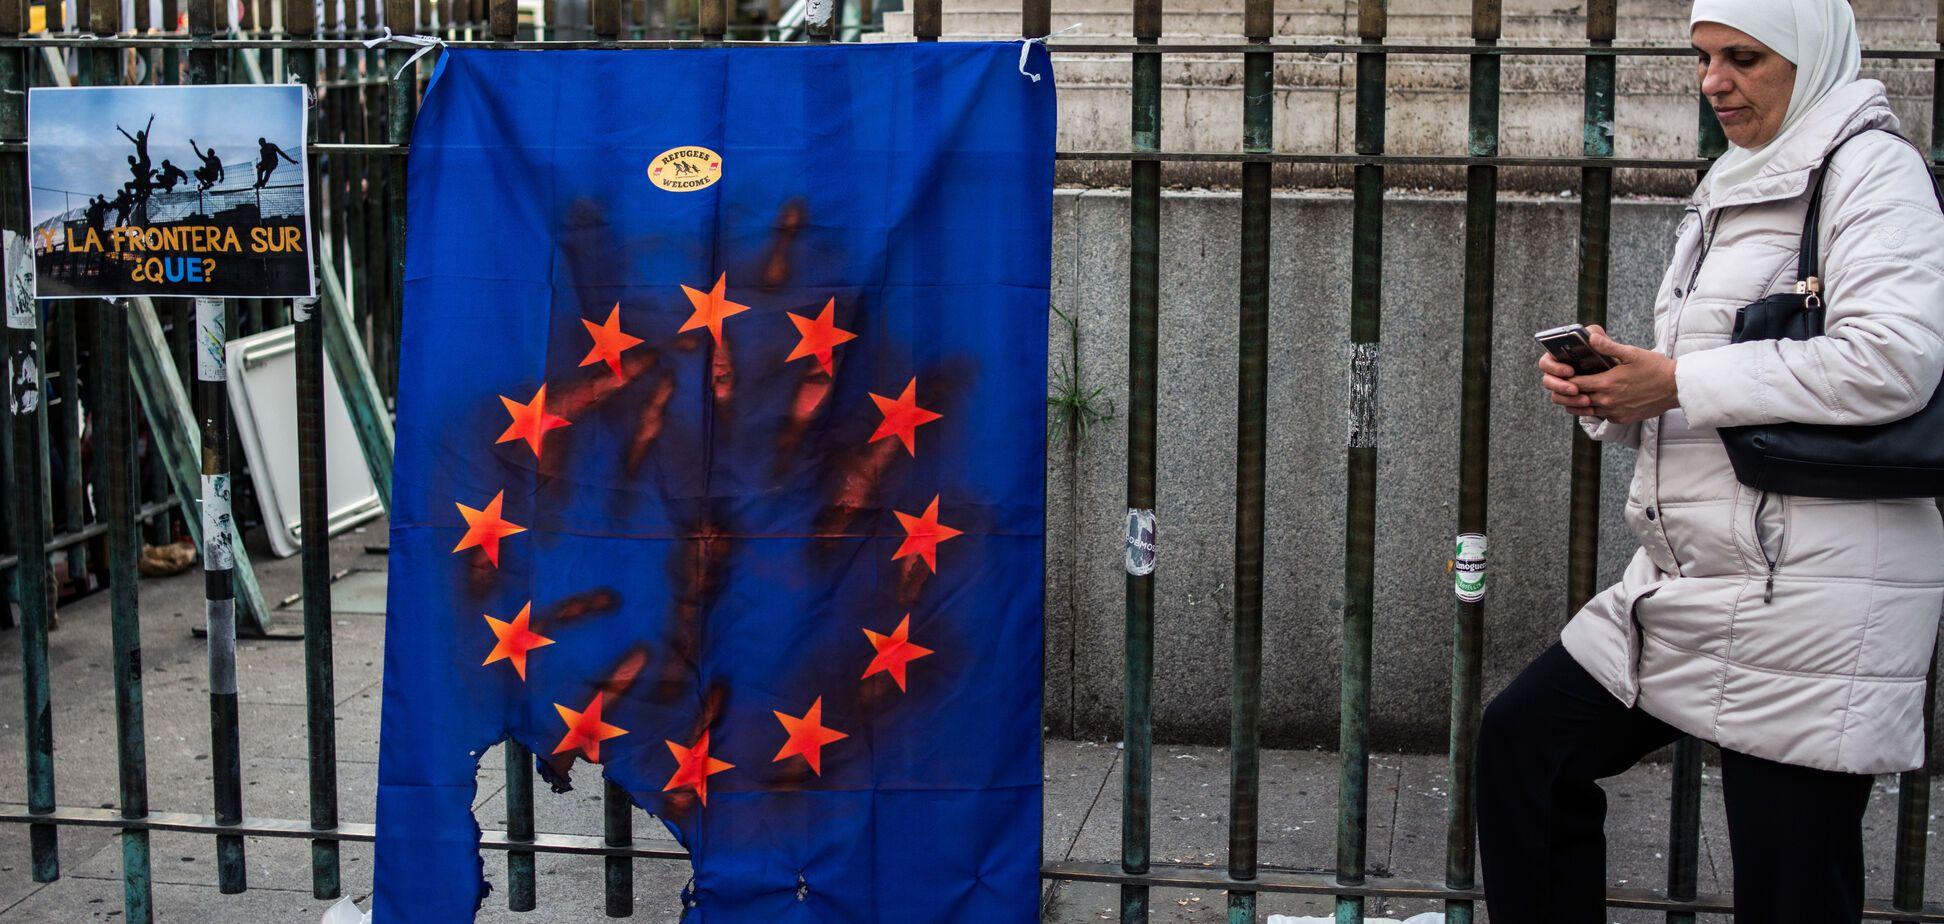 'Екзистенційна небезпека': Європі передрекли неминучу масштабну кризу